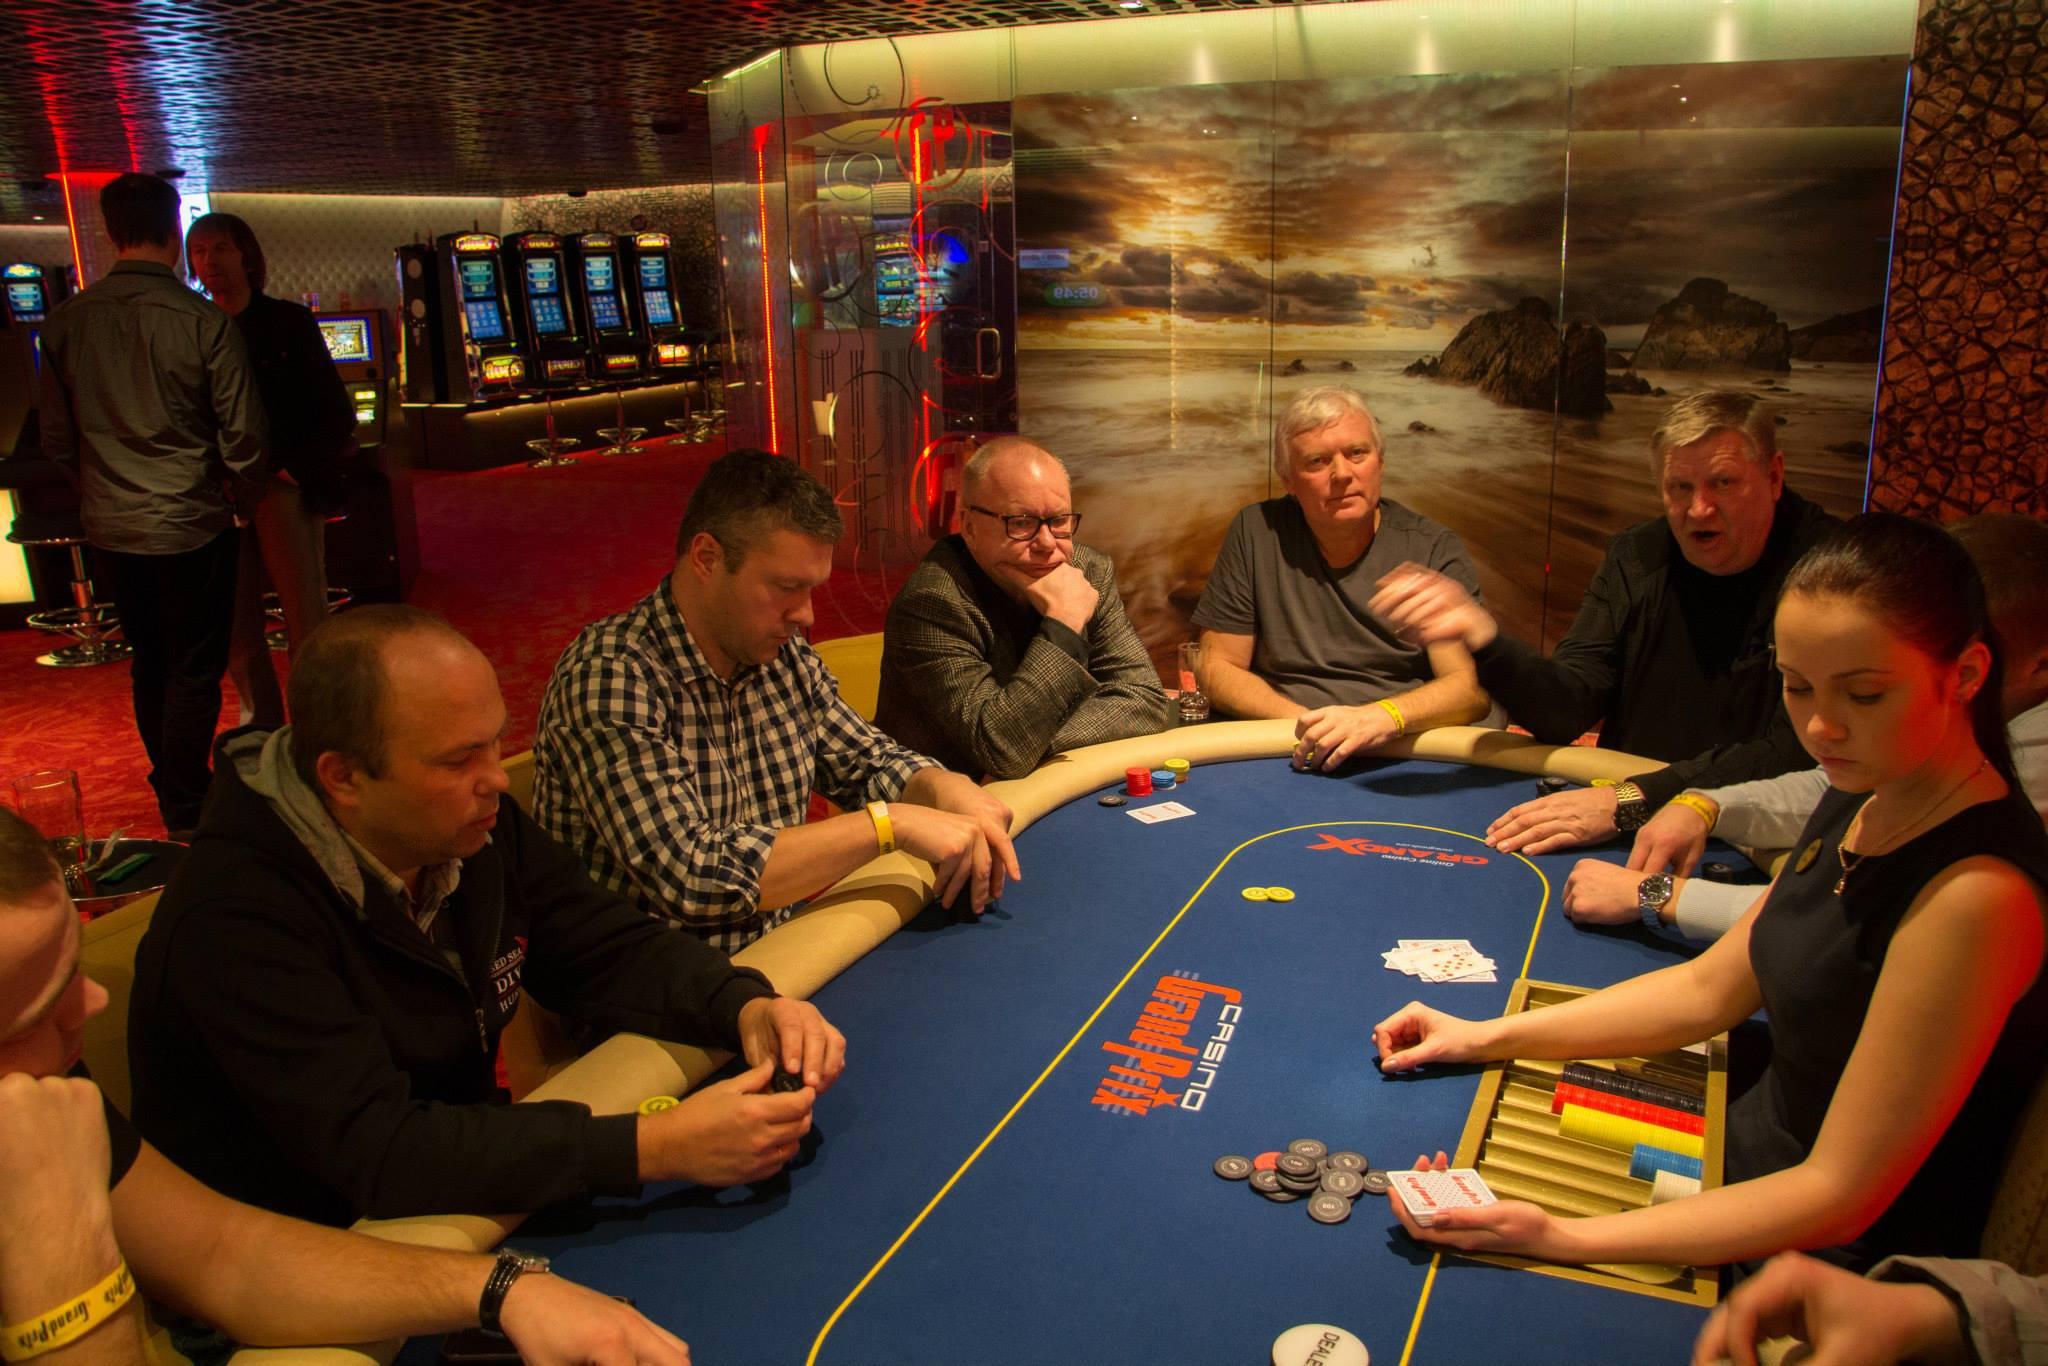 Triobeti pokkeritoa kampaaniad 2015. aasta aprillis 101